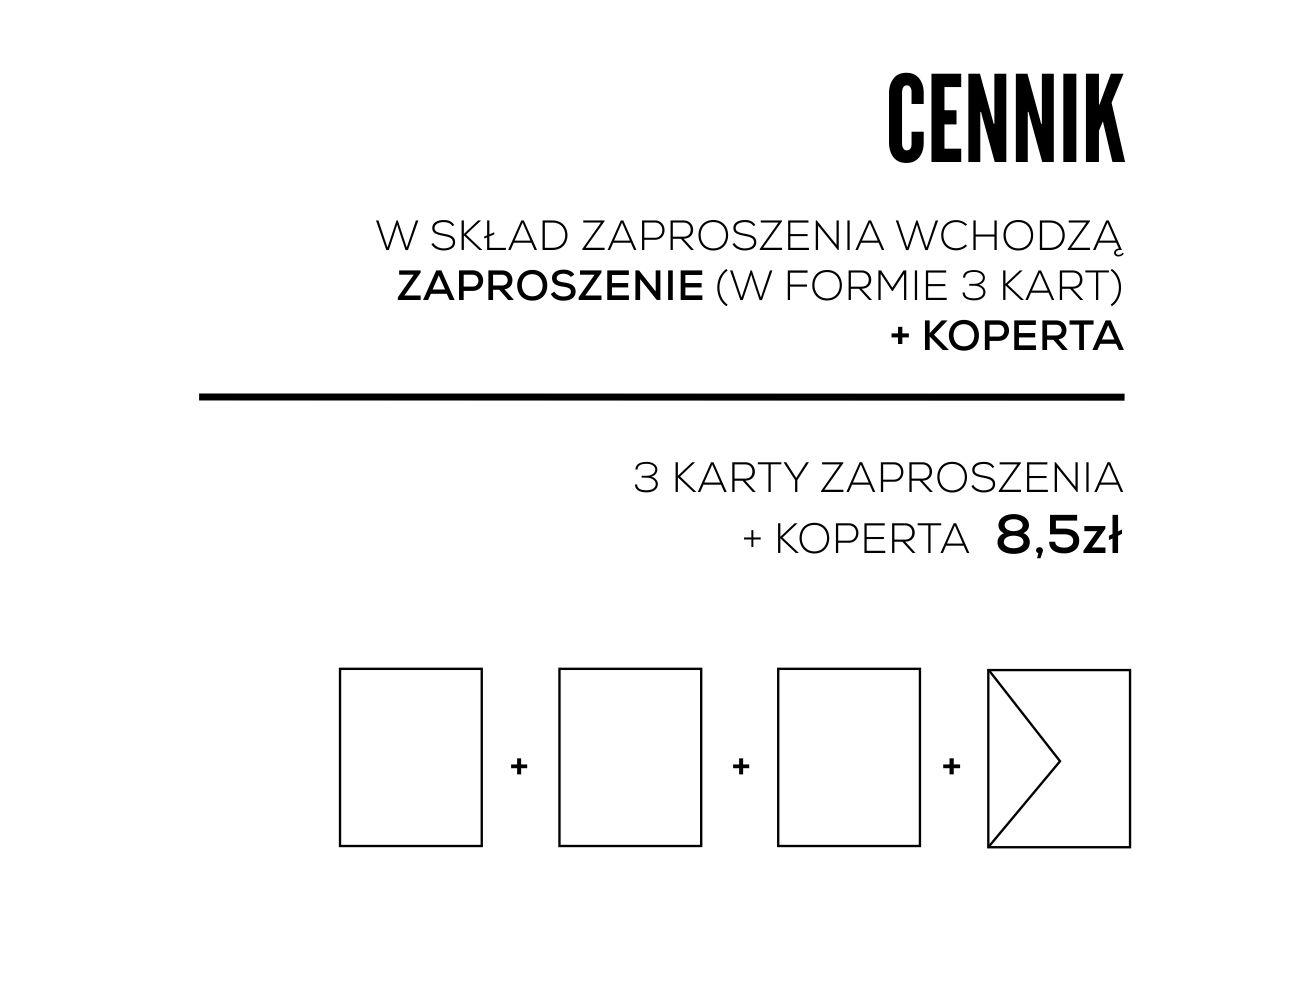 CENNIK_MINIM_AL eko